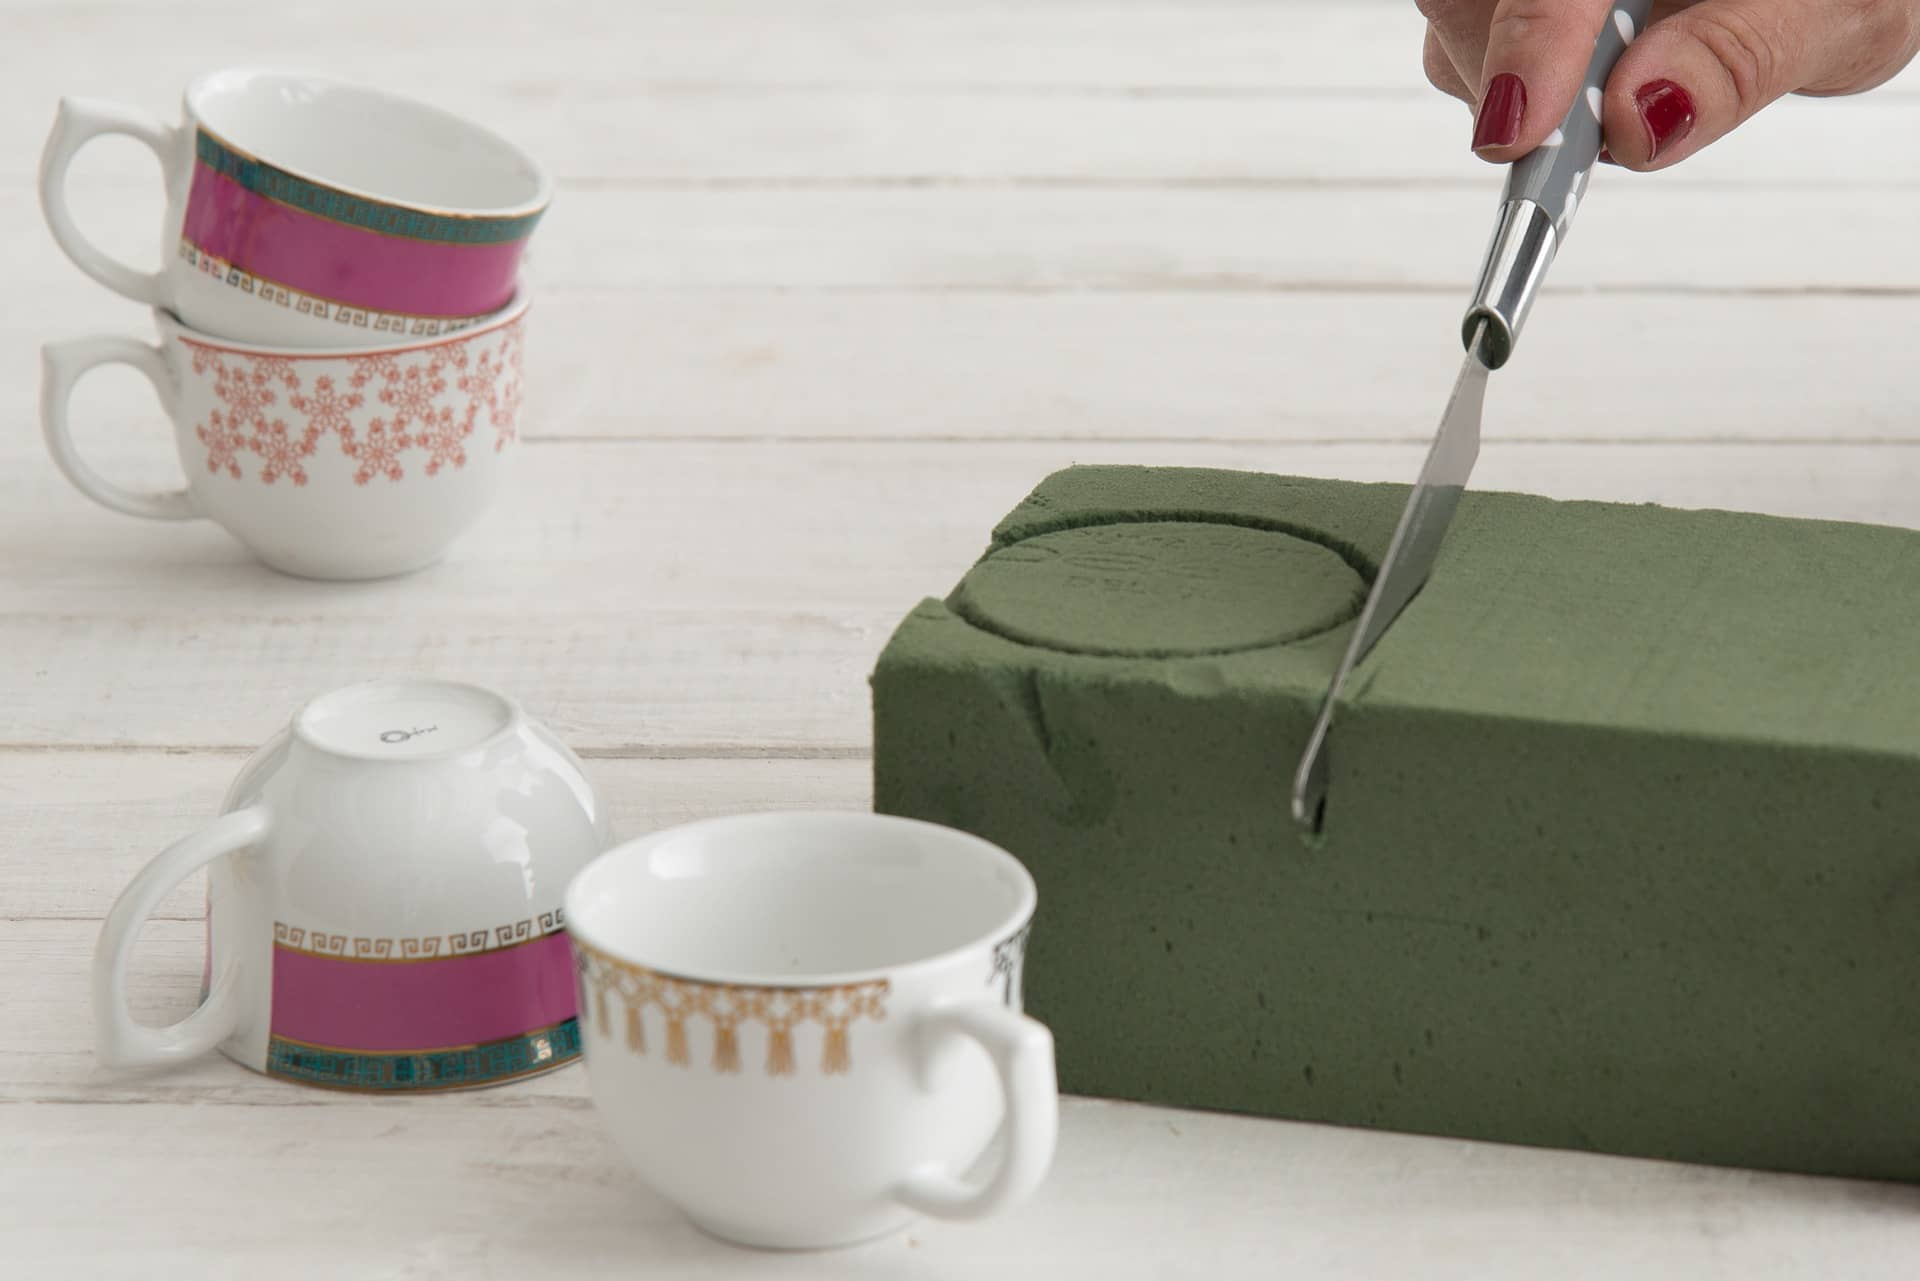 Imagem: Passo 3: Corte a espuma para facilitar na hora de encaixá-la dentro da xícara.Foto: Cacá Bratke.